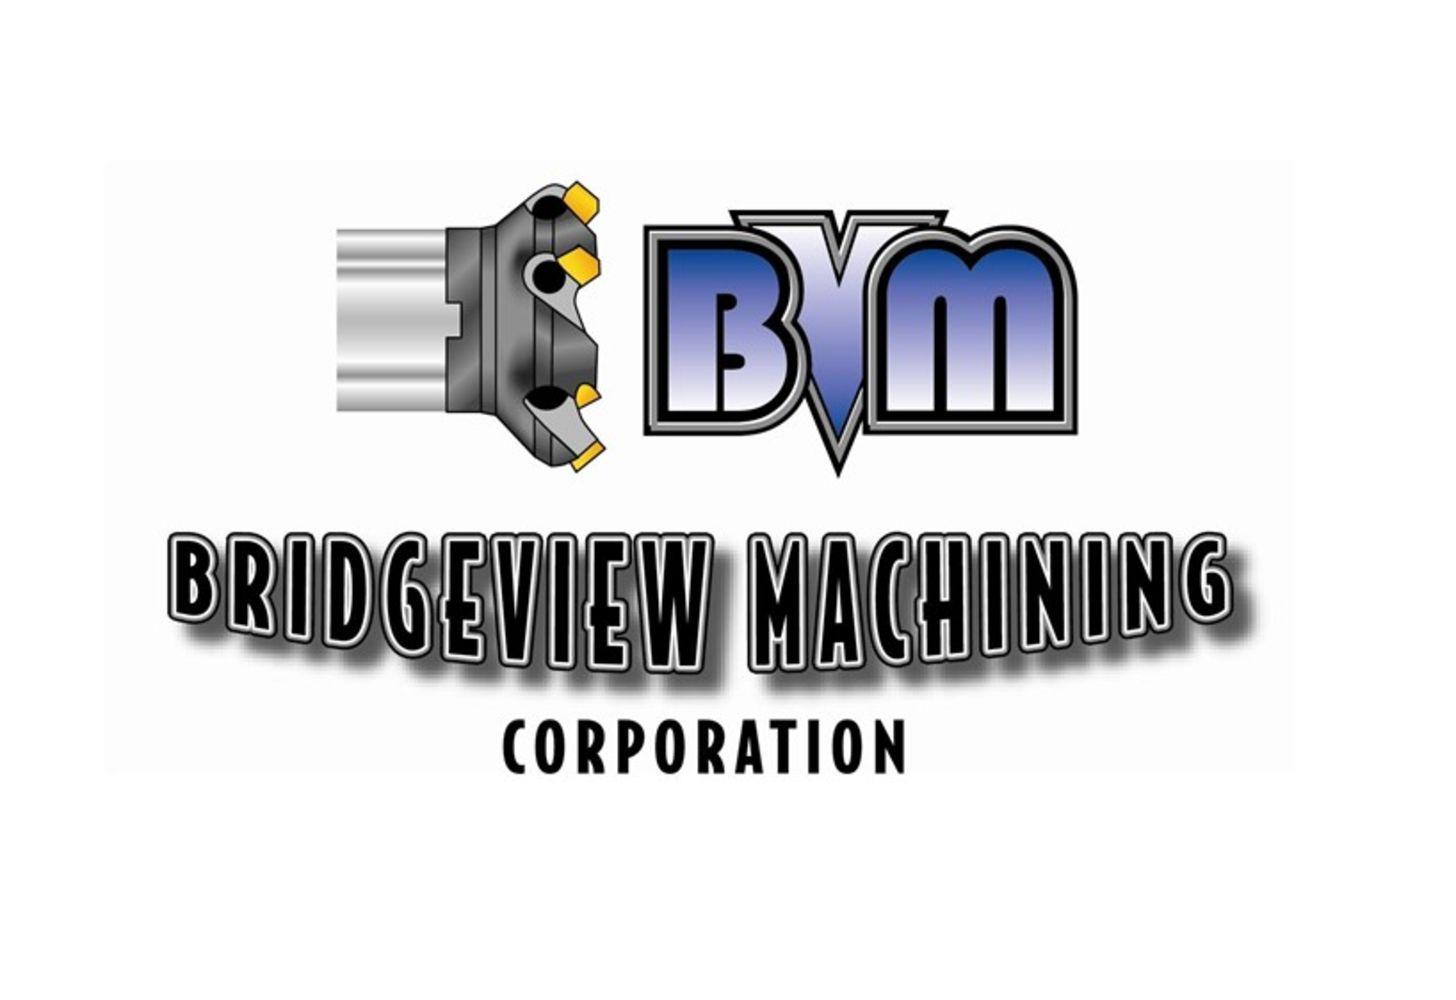 DAY #1 - Bridgeview Machining Corp.